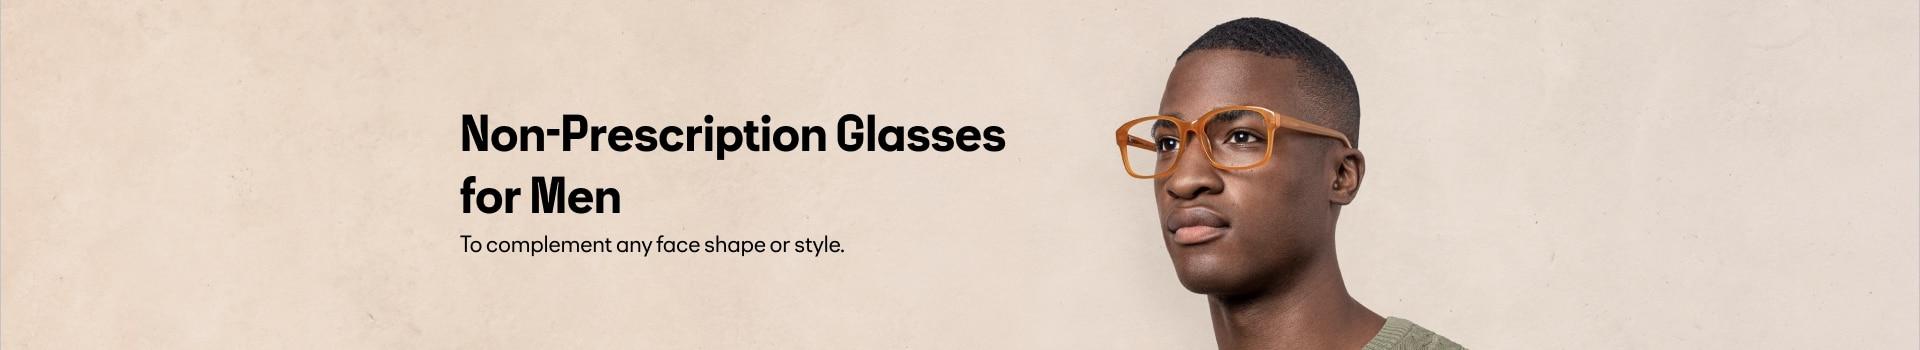 Non-Prescription Glasses for Men